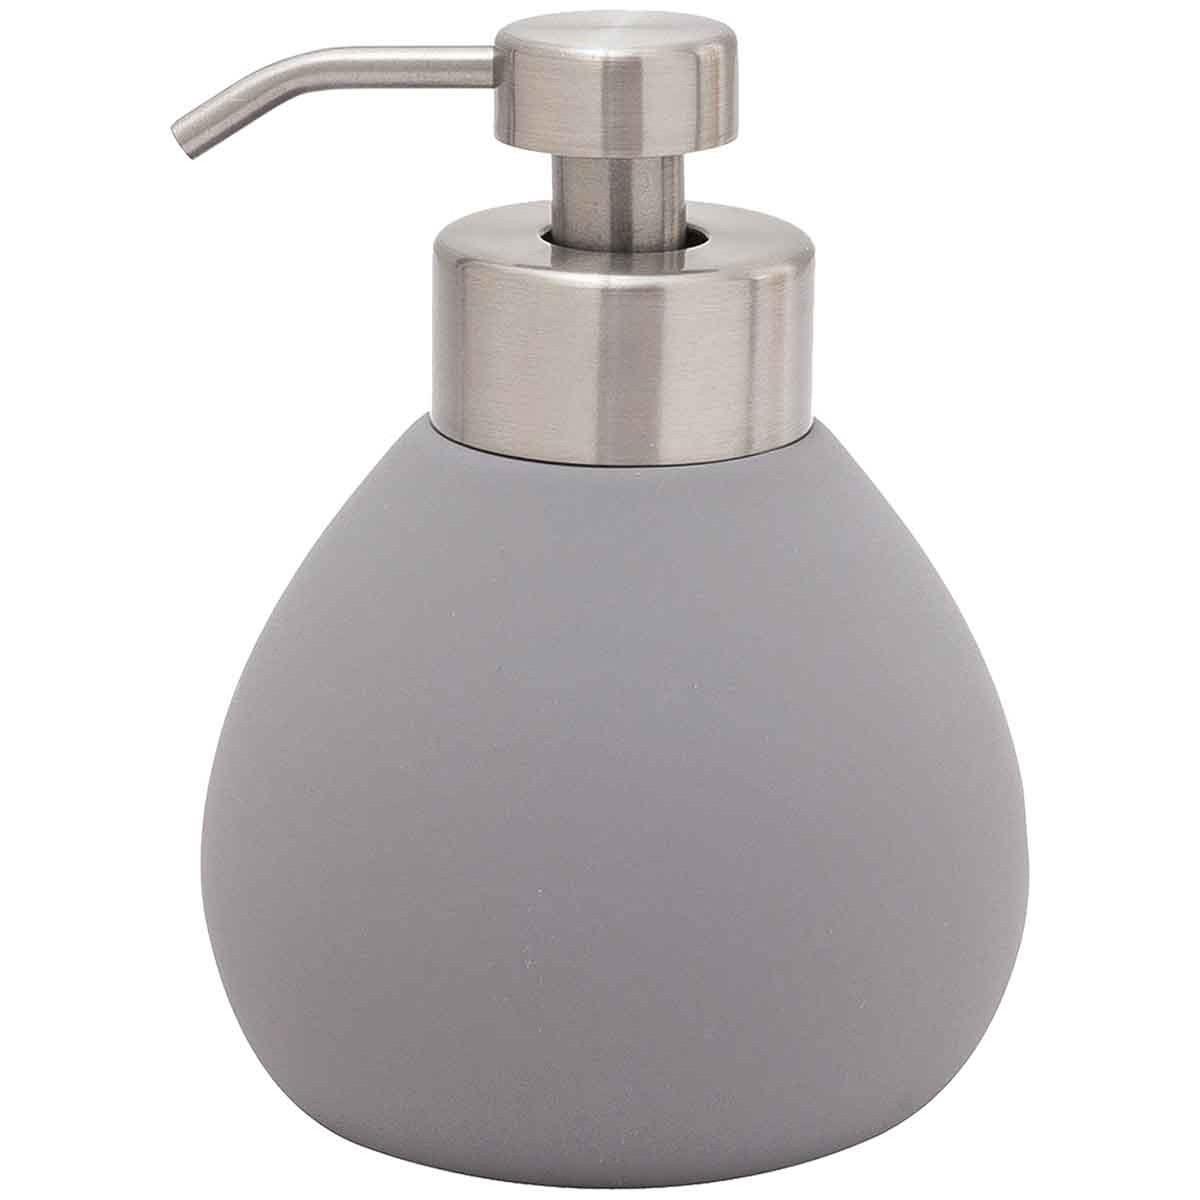 Distributeur de savon en céramique  Anthracite